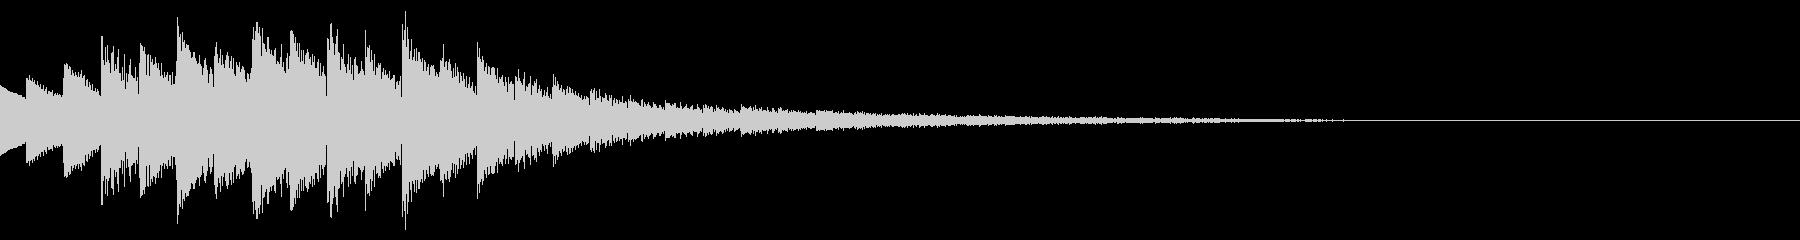 キラキラ/ニュース/映像/場面転換の未再生の波形